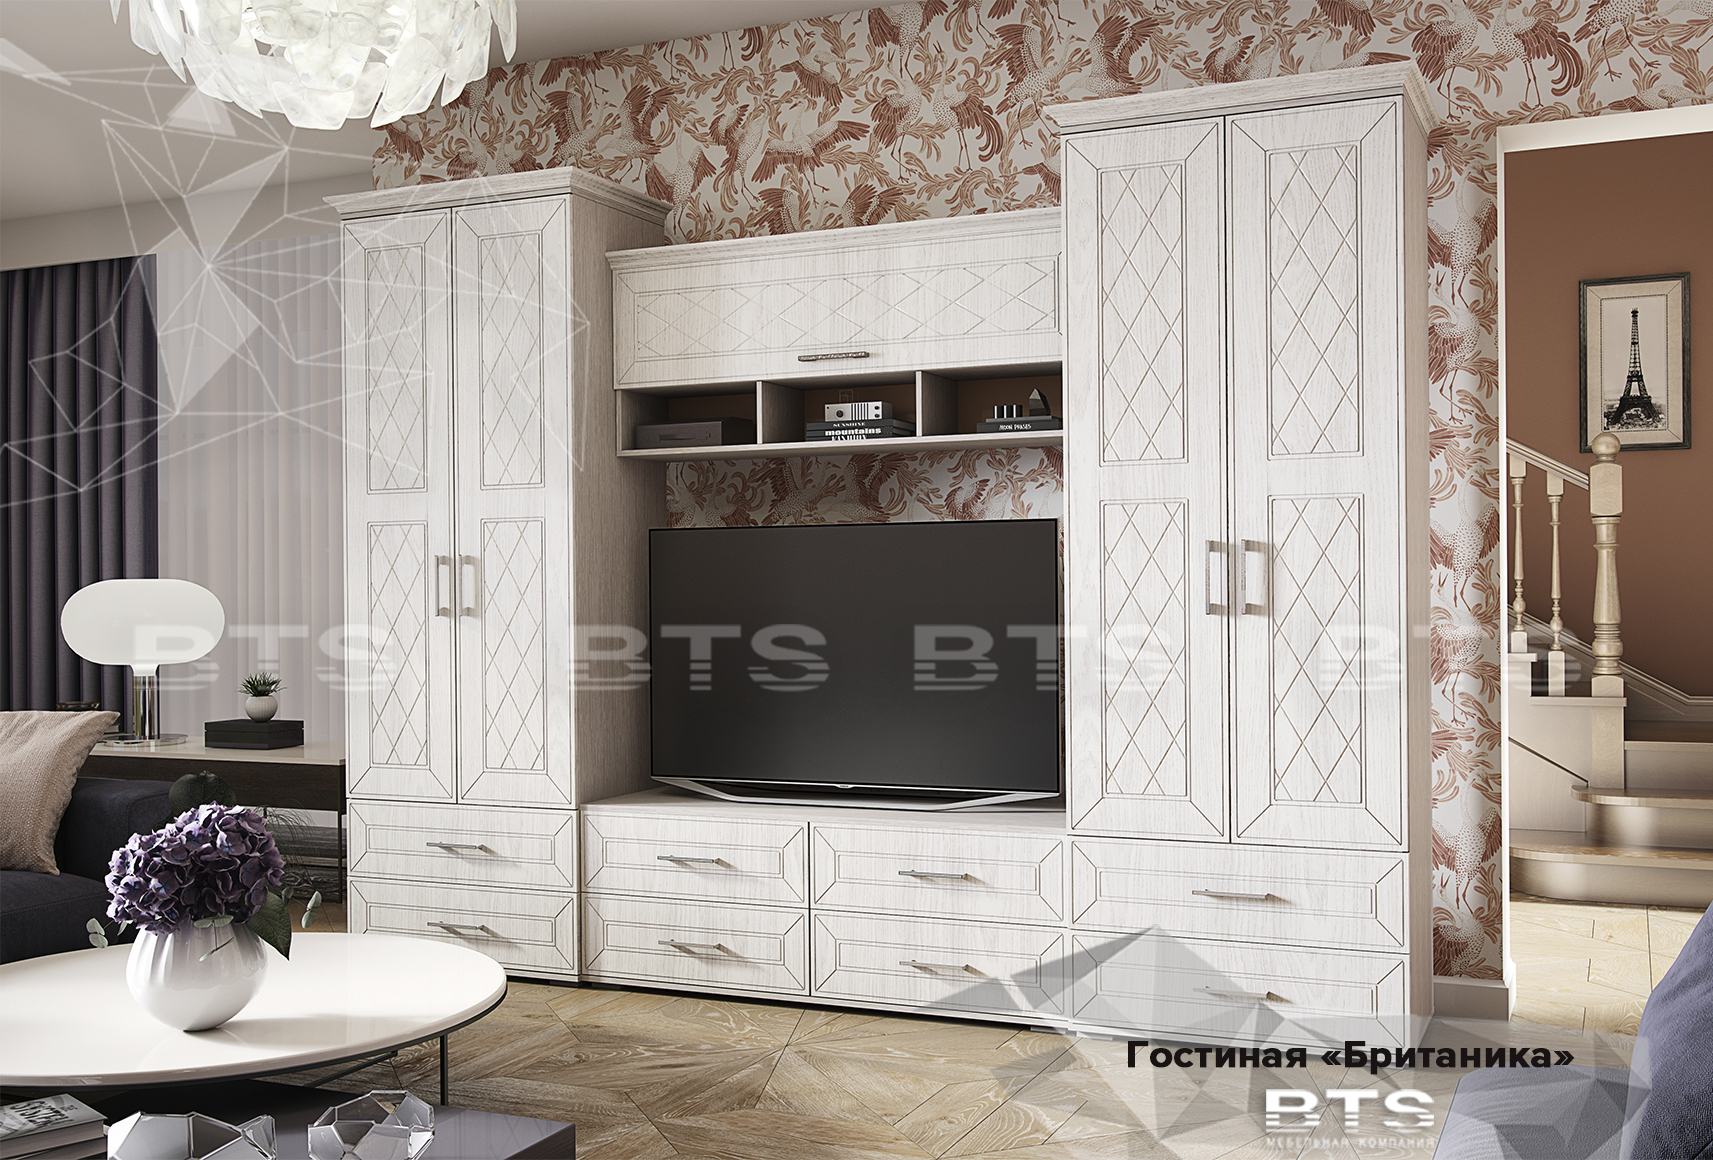 Гостиная Британика (вариант 3) — купить за 20808 руб. в Москве по цене производителя!